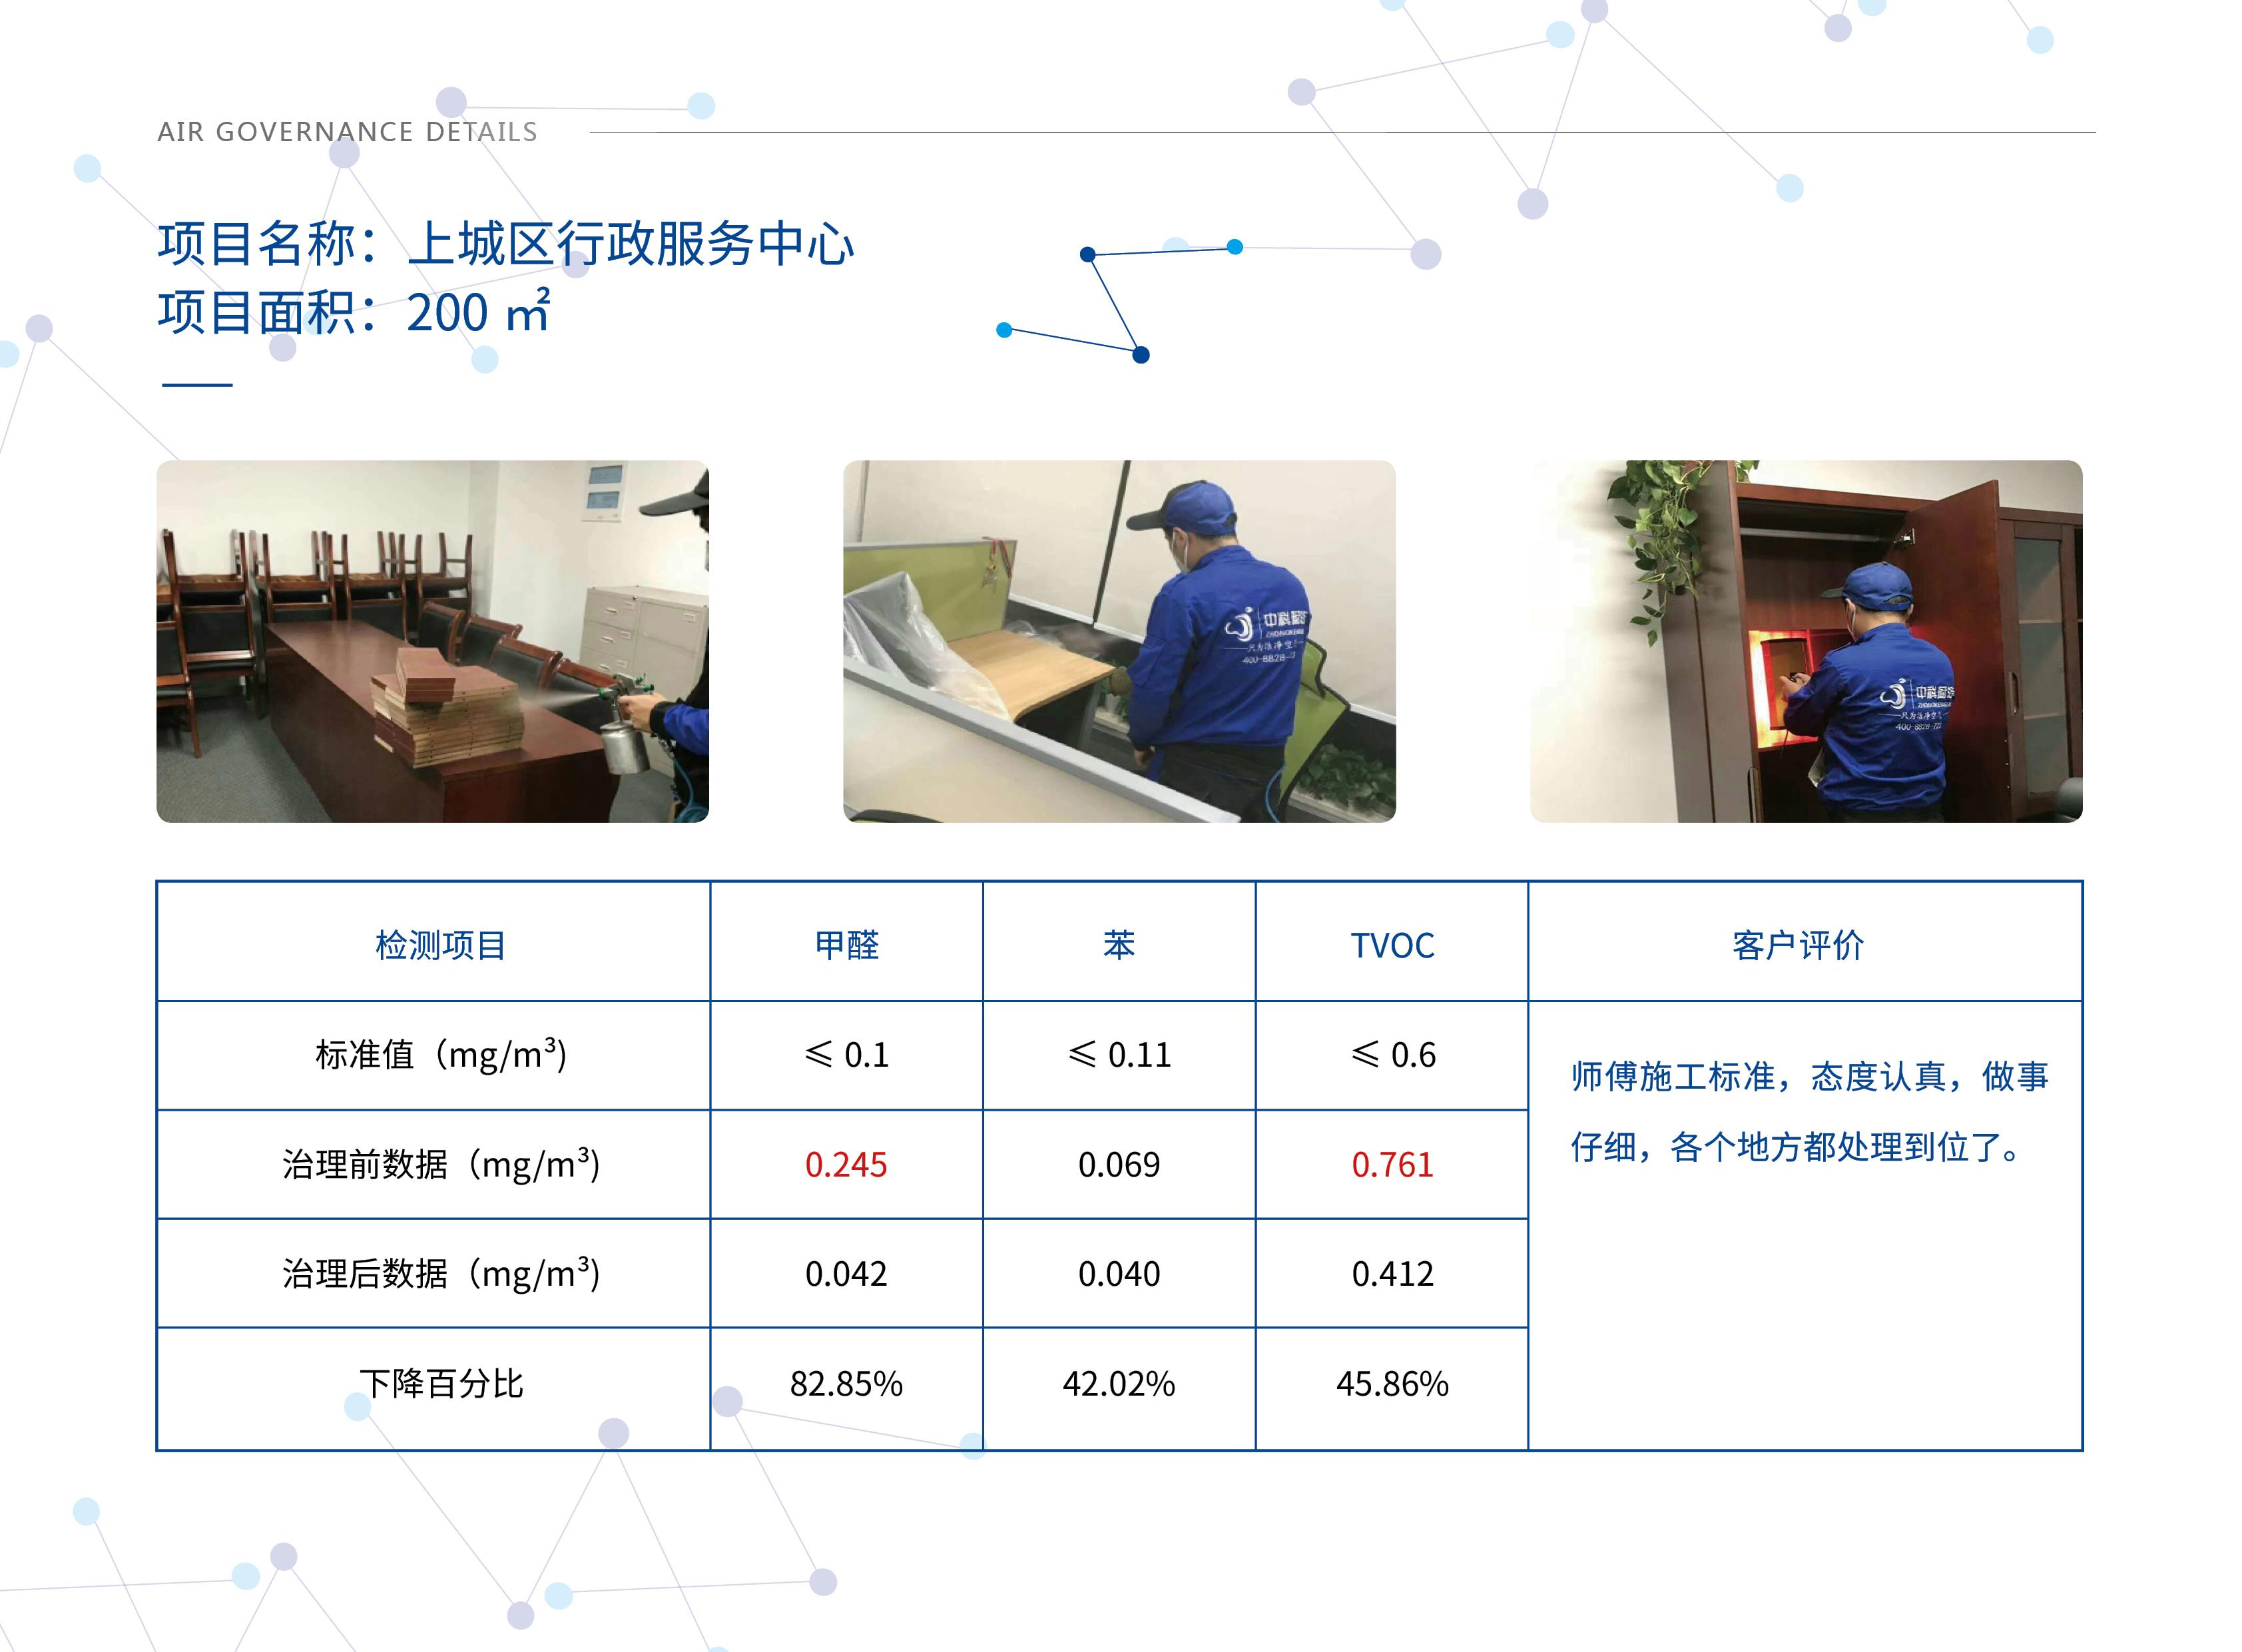 上城区行政服务中心.jpg